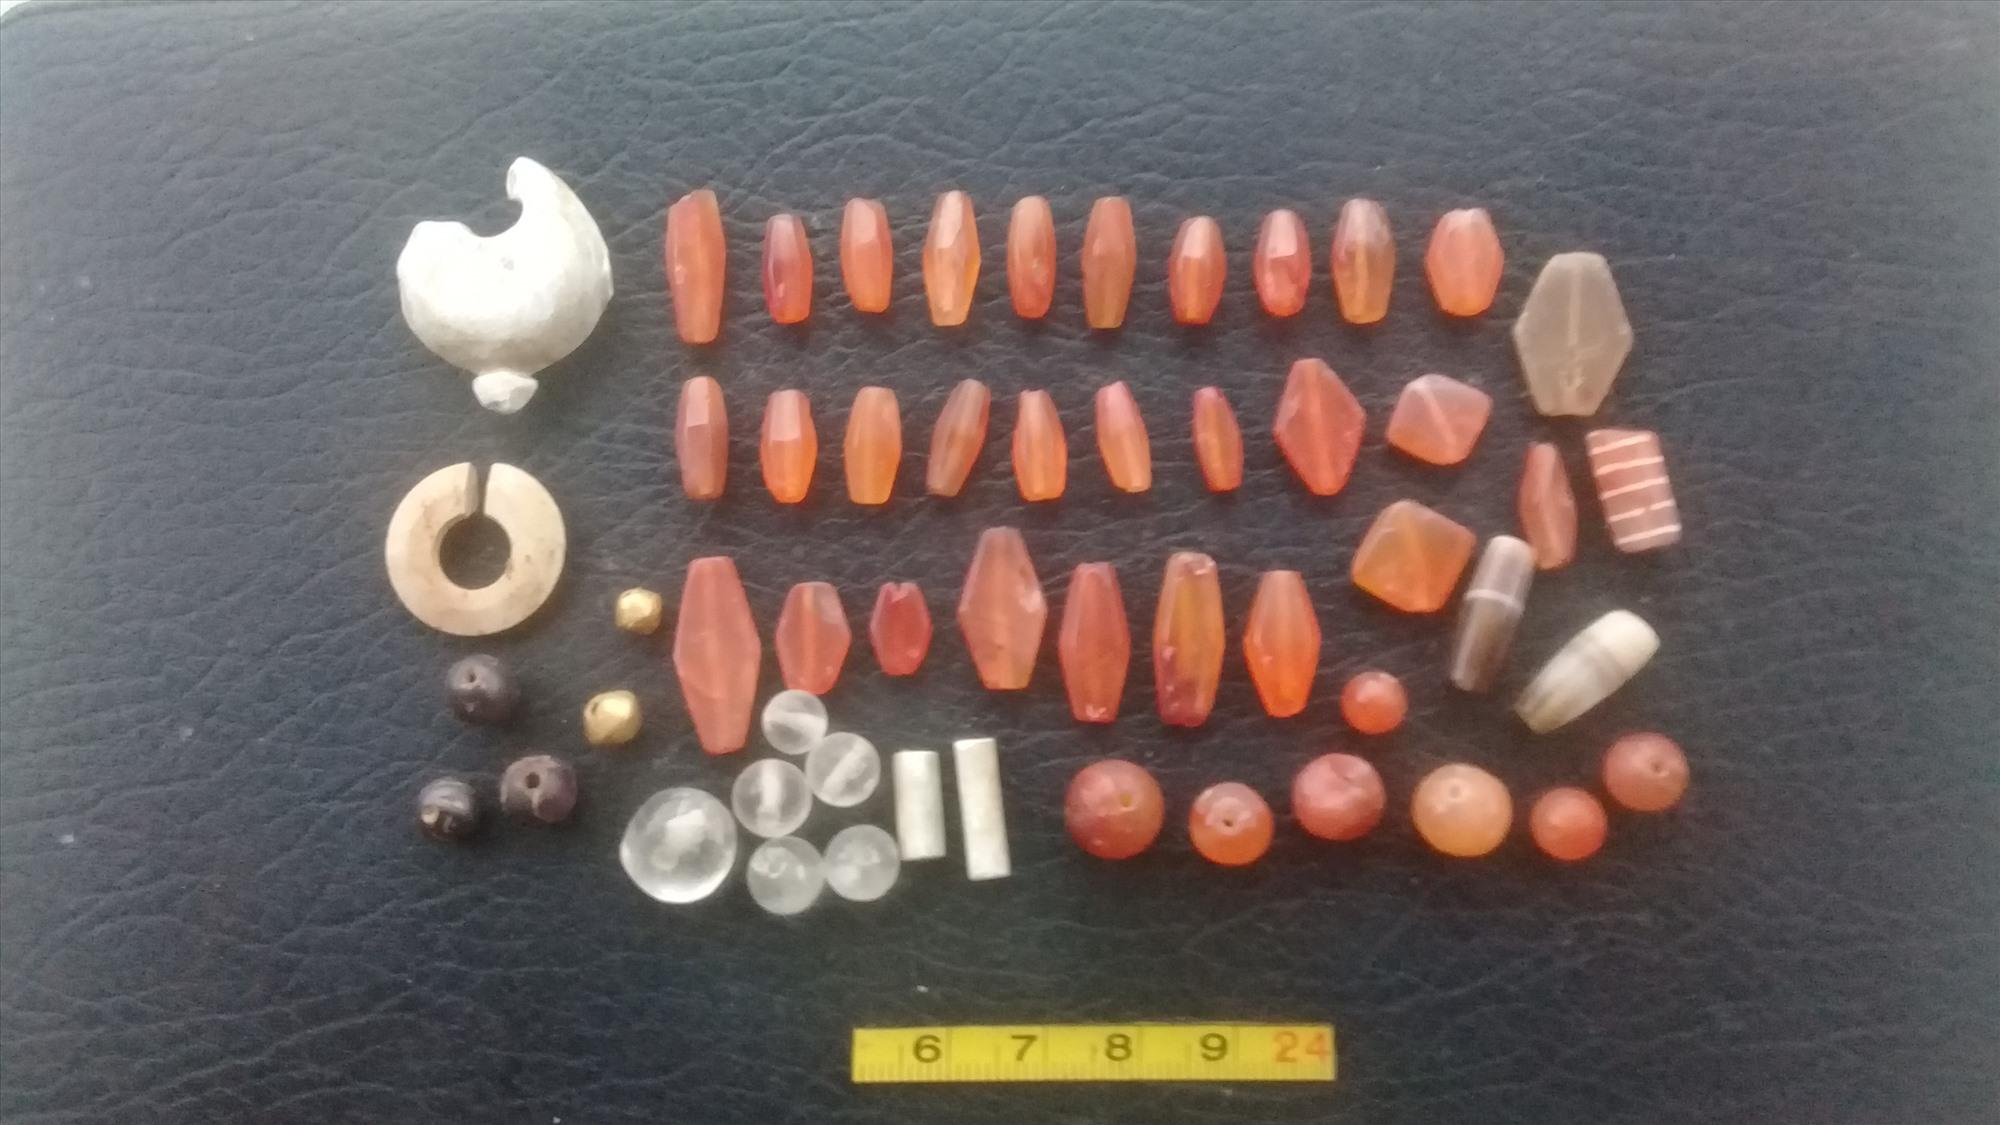 Đồ trang sức do ông Phán phát hiện tại địa điểm Bình An hiện còn đang lưu giữ.